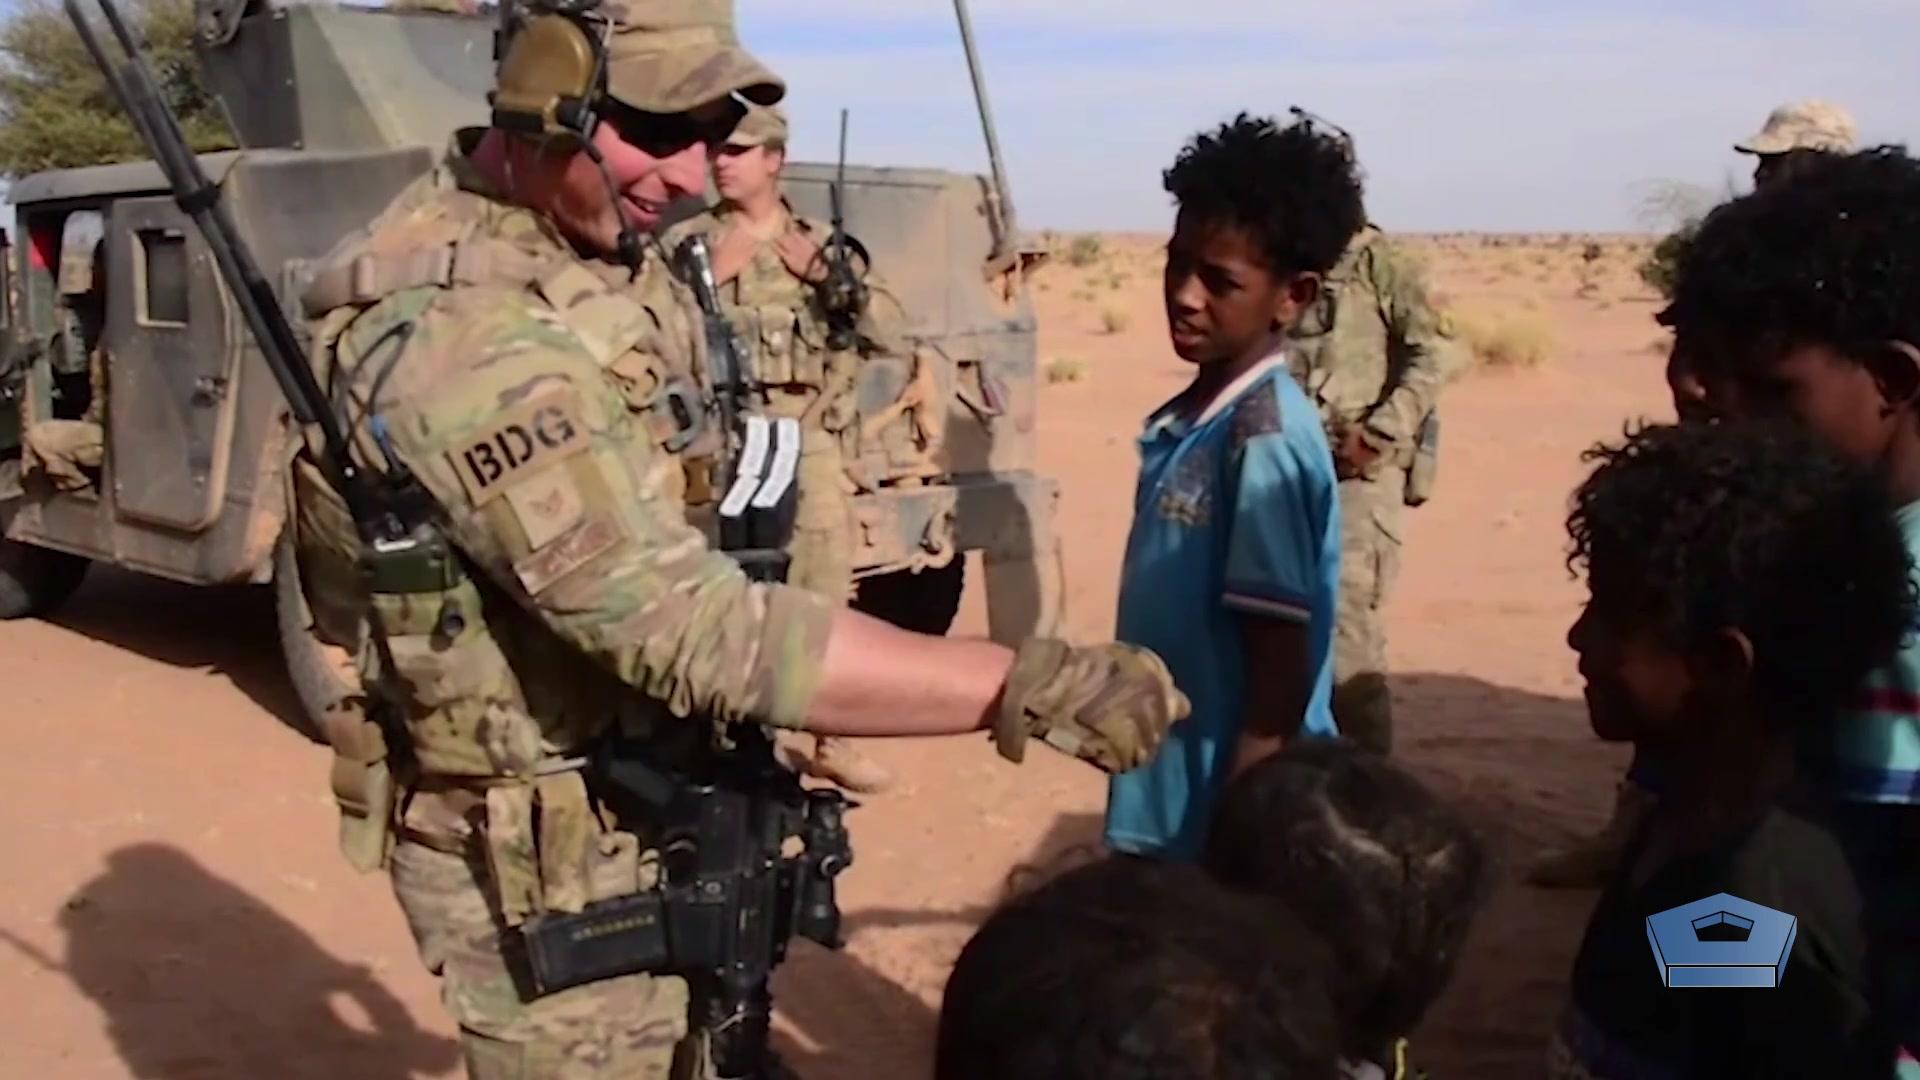 An Airman greets a civilian.